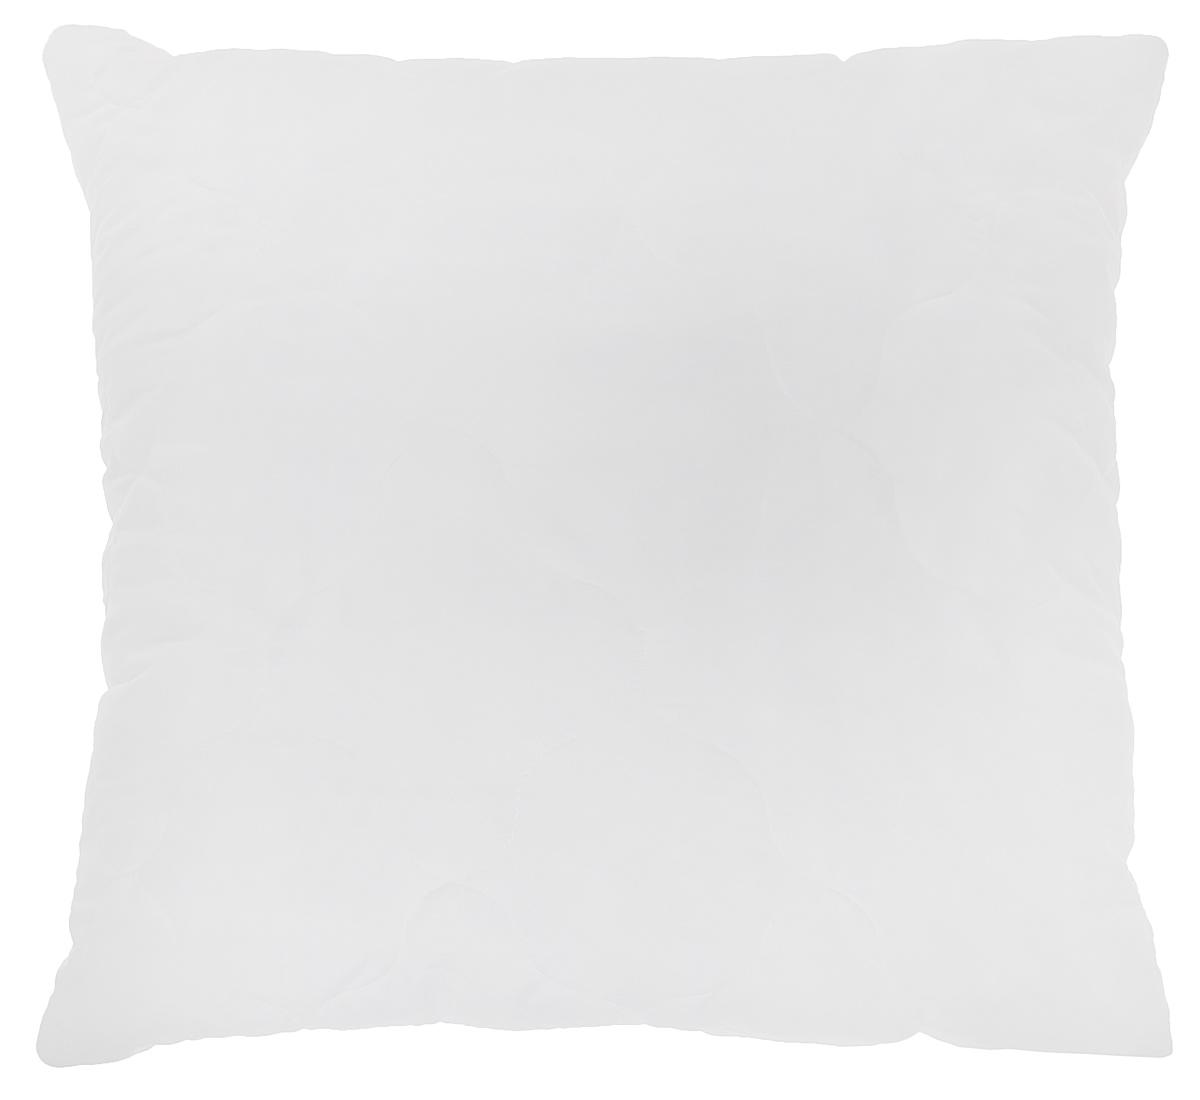 Подушка Sleeper Модена, наполнитель: силиконизированное волокно, цвет: белый, 68 х 68 см03(18)141ЕПодушка Sleeper Модена представляет собой стеганый чехол из полиэстера с наполнителем из силиконизированного волокна. Особенности подушки Sleeper Модена:- не вызывает аллергических реакций; - воздухопроницаема; - не впитывает запахи; - имеет удобную форму. Материал чехла: 100% полиэстер.Наполнитель: шарики из силиконизированного волокна. Вес наполнителя: 300 г.